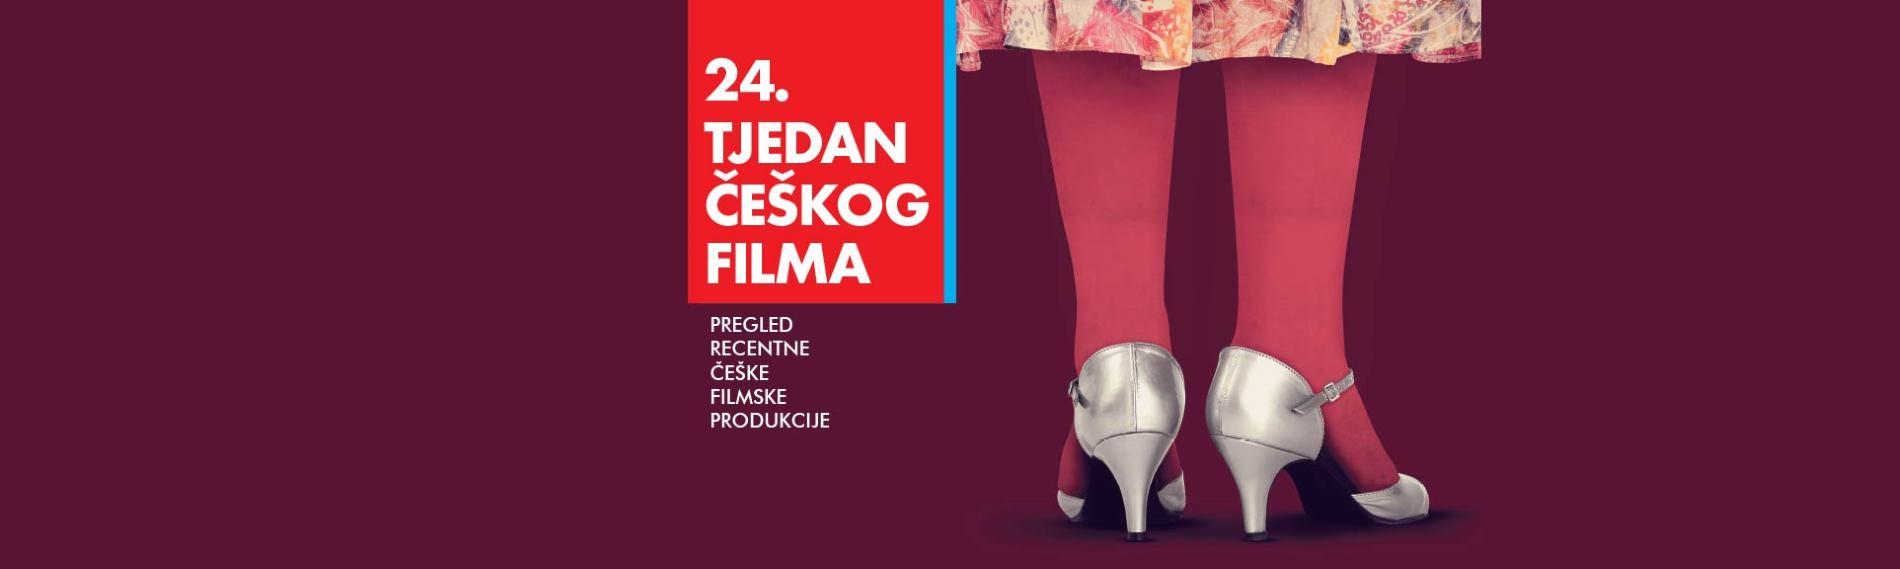 VIDEO: Tjedan češkog filma u Kinu Europa od 10. do 17. listopada